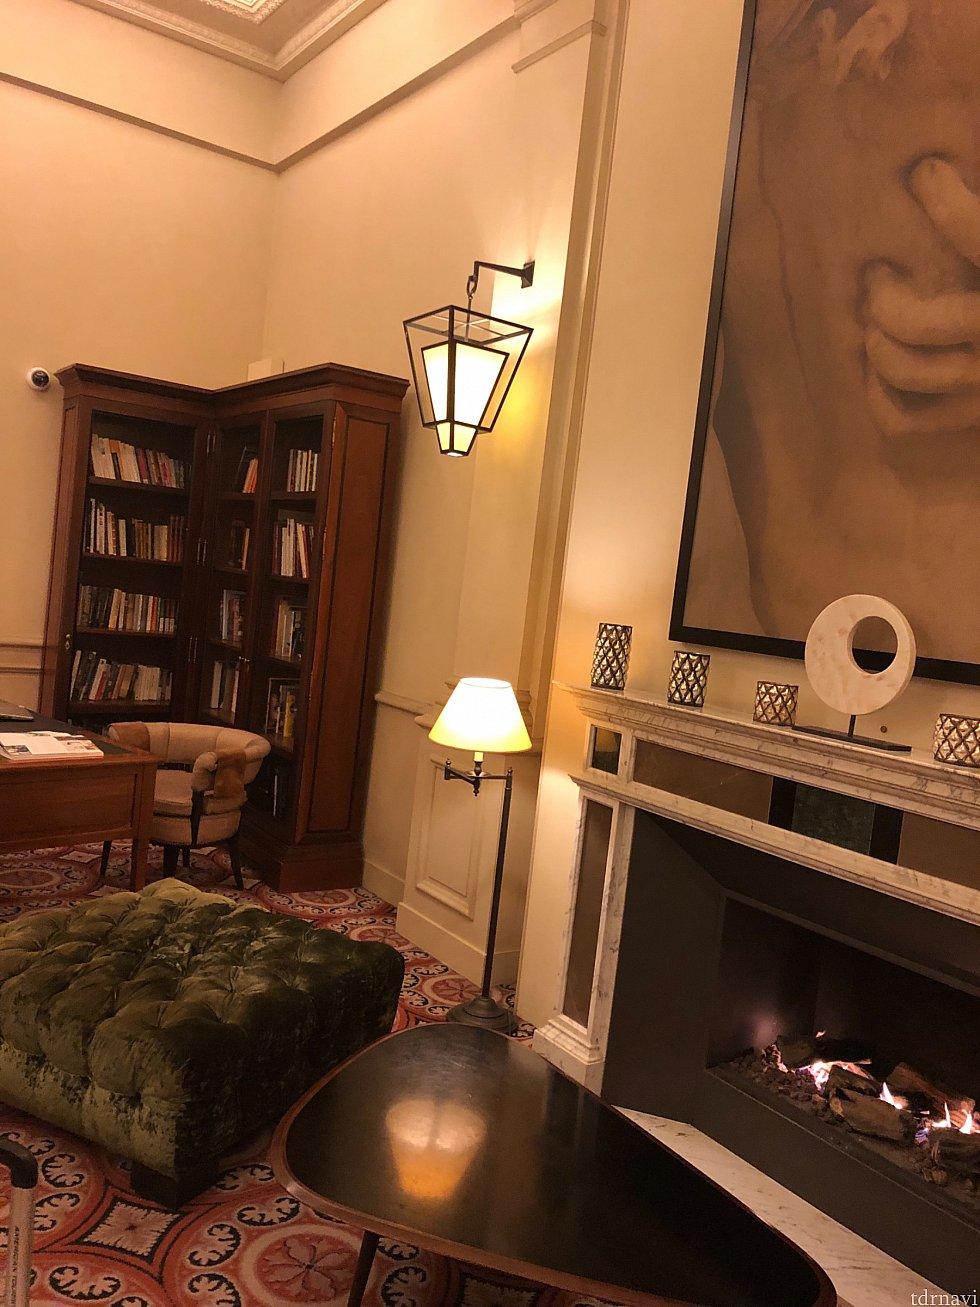 ロビーの奥には雰囲気のある暖炉が🔥